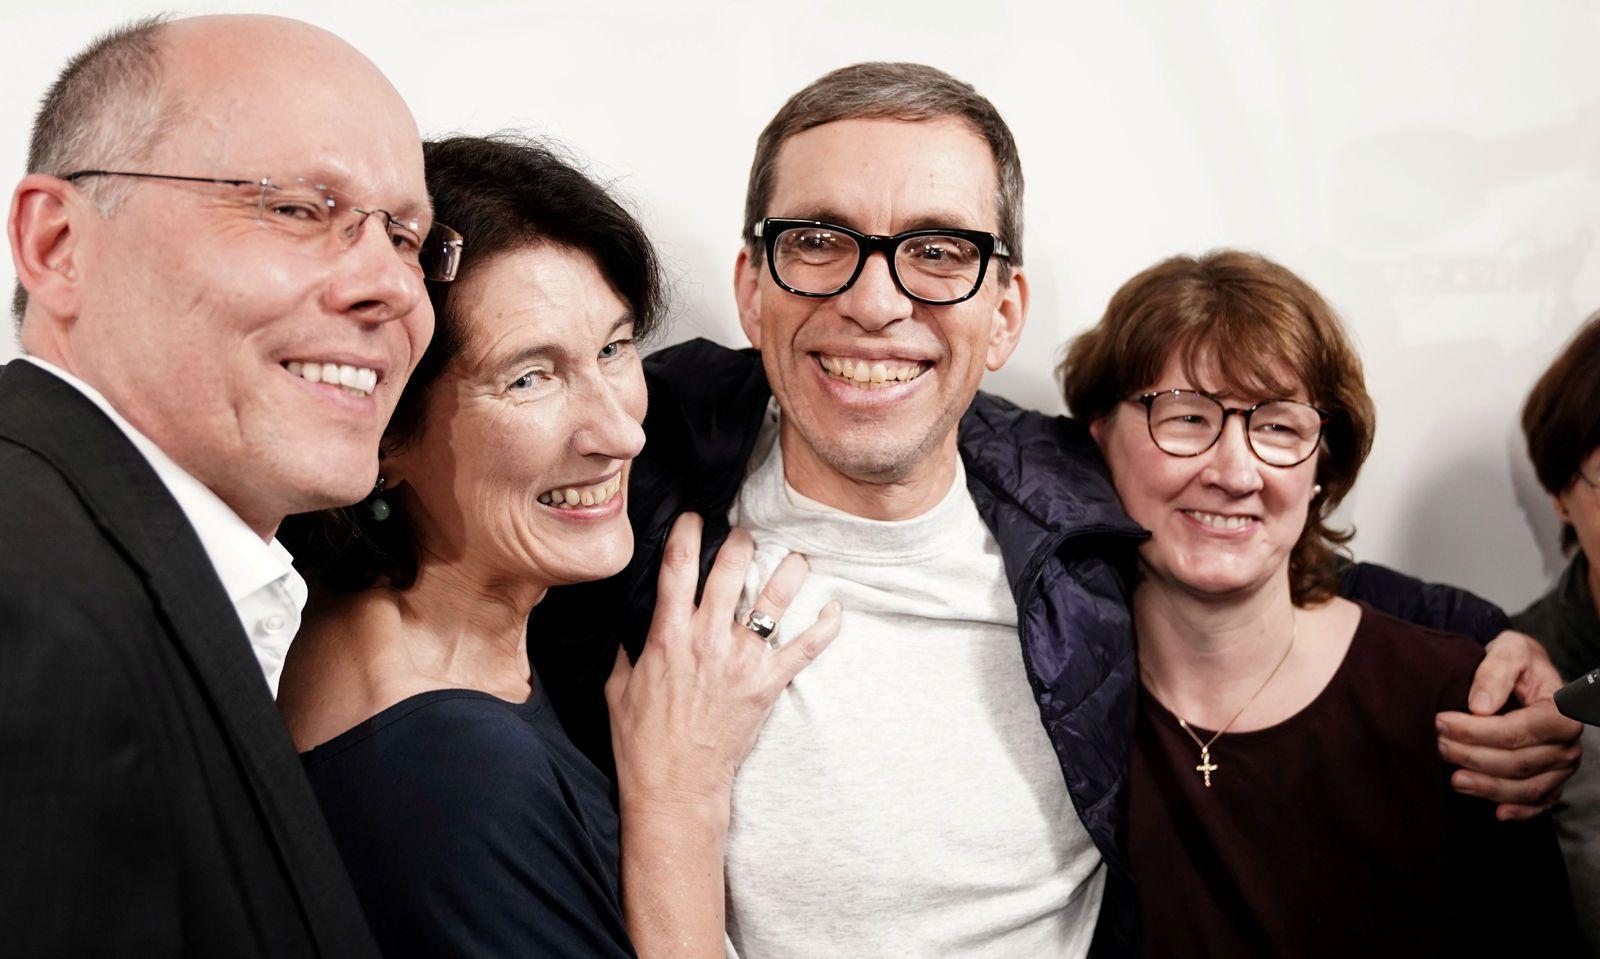 """""""Hach ist das schön"""" - frei nach 33 Jahren: Der Deutsche Jens Söring saß wegen Doppelmordes in den USA in Haft. Er soll 1985 die Eltern seiner Freundin getötet haben. Nach einem Geständnis widerrief er seine Aussage und beteuert bis heute seine Unschuld. Am Dienstag kehrte er nach Deutschland zurück. Er wurde von zahlreichen Unterstützern empfangen."""